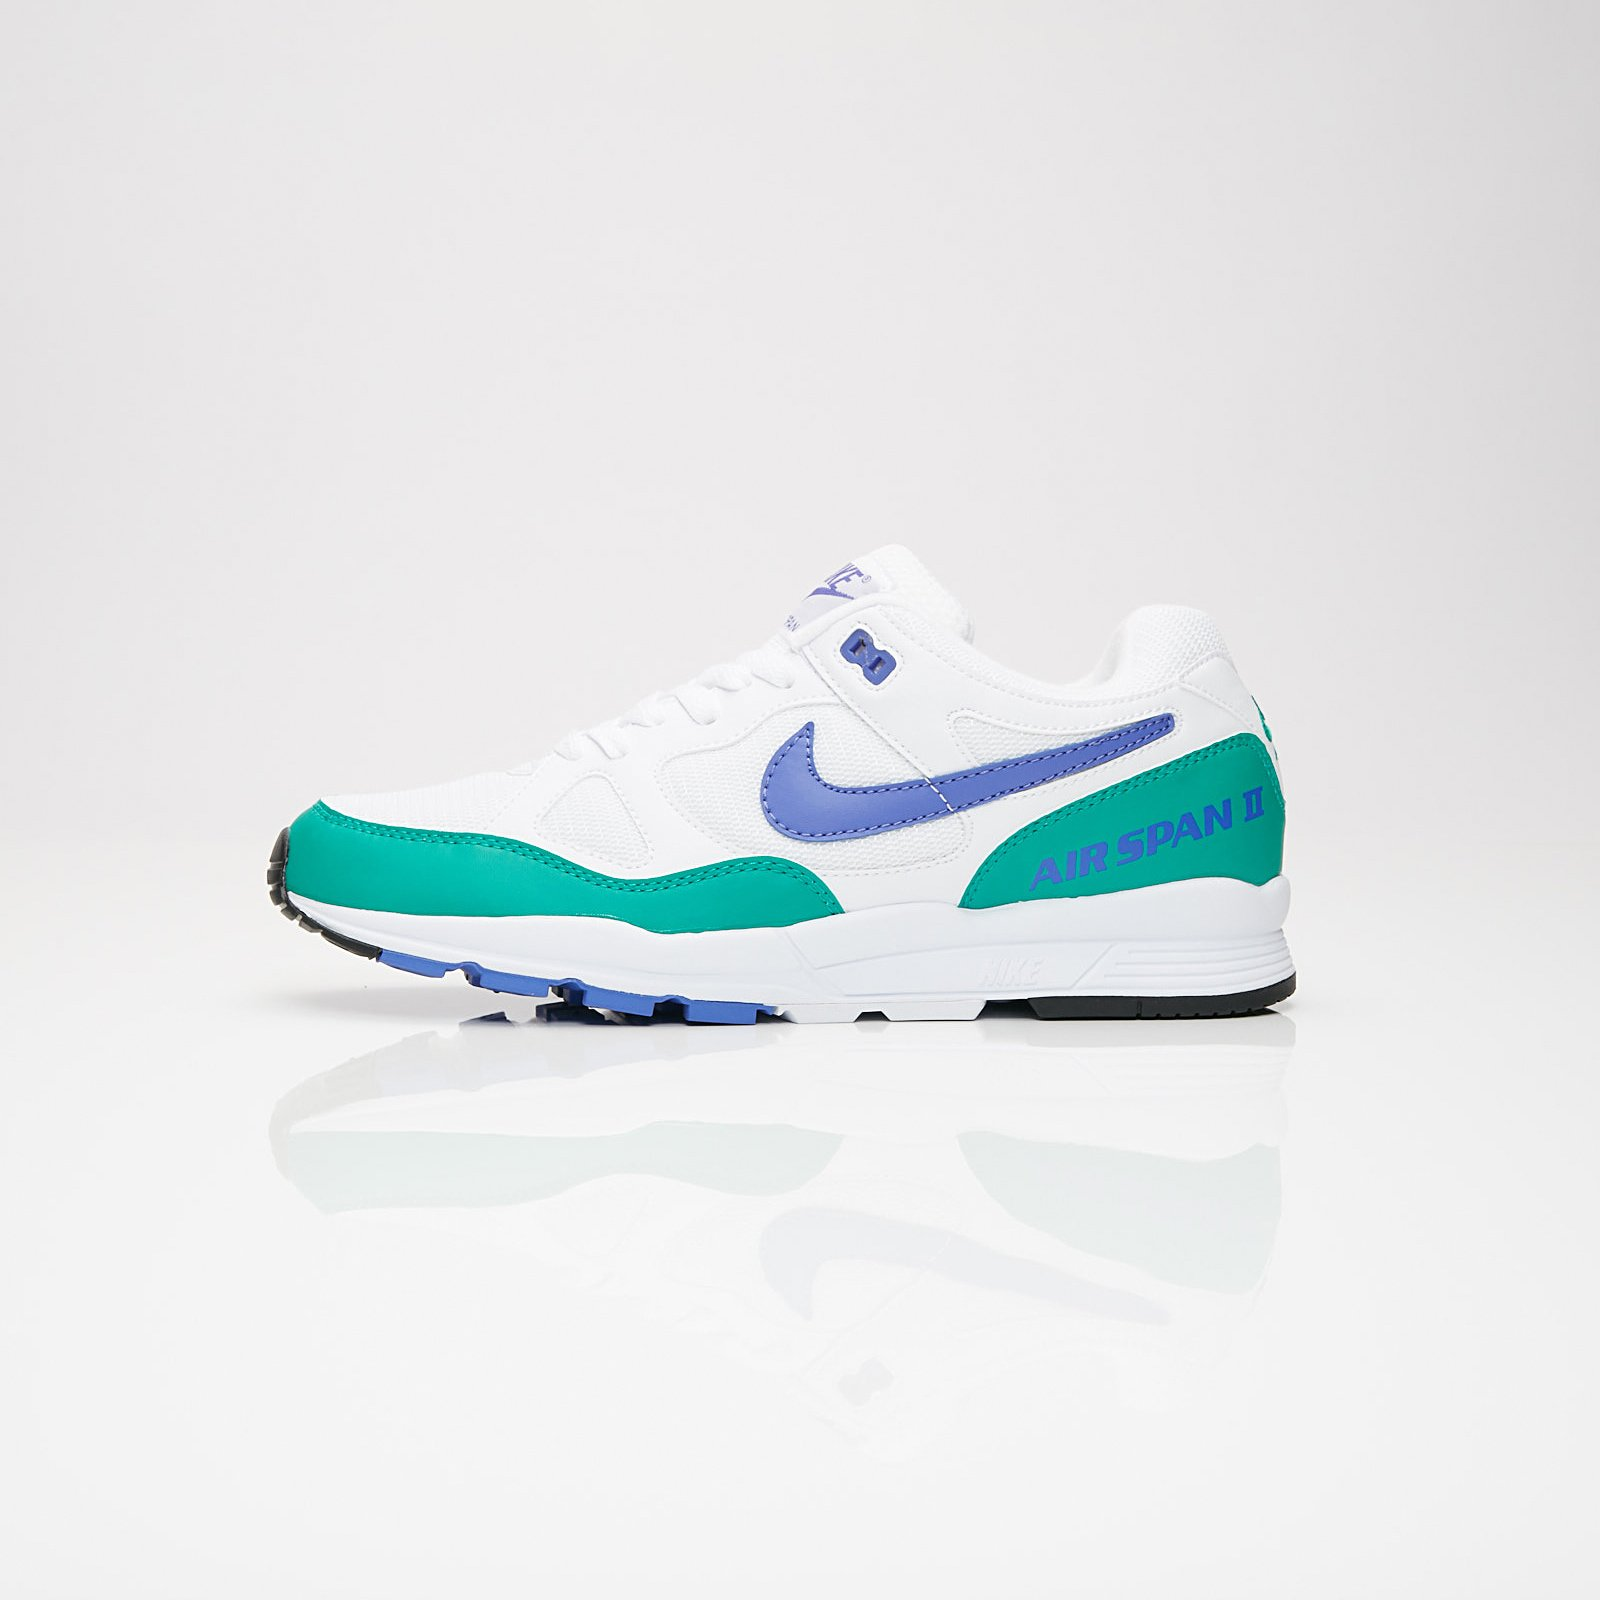 separation shoes fb774 60dd0 Nike Air Span II - Ah8047-106 - Sneakersnstuff   sneakers   streetwear  online since 1999